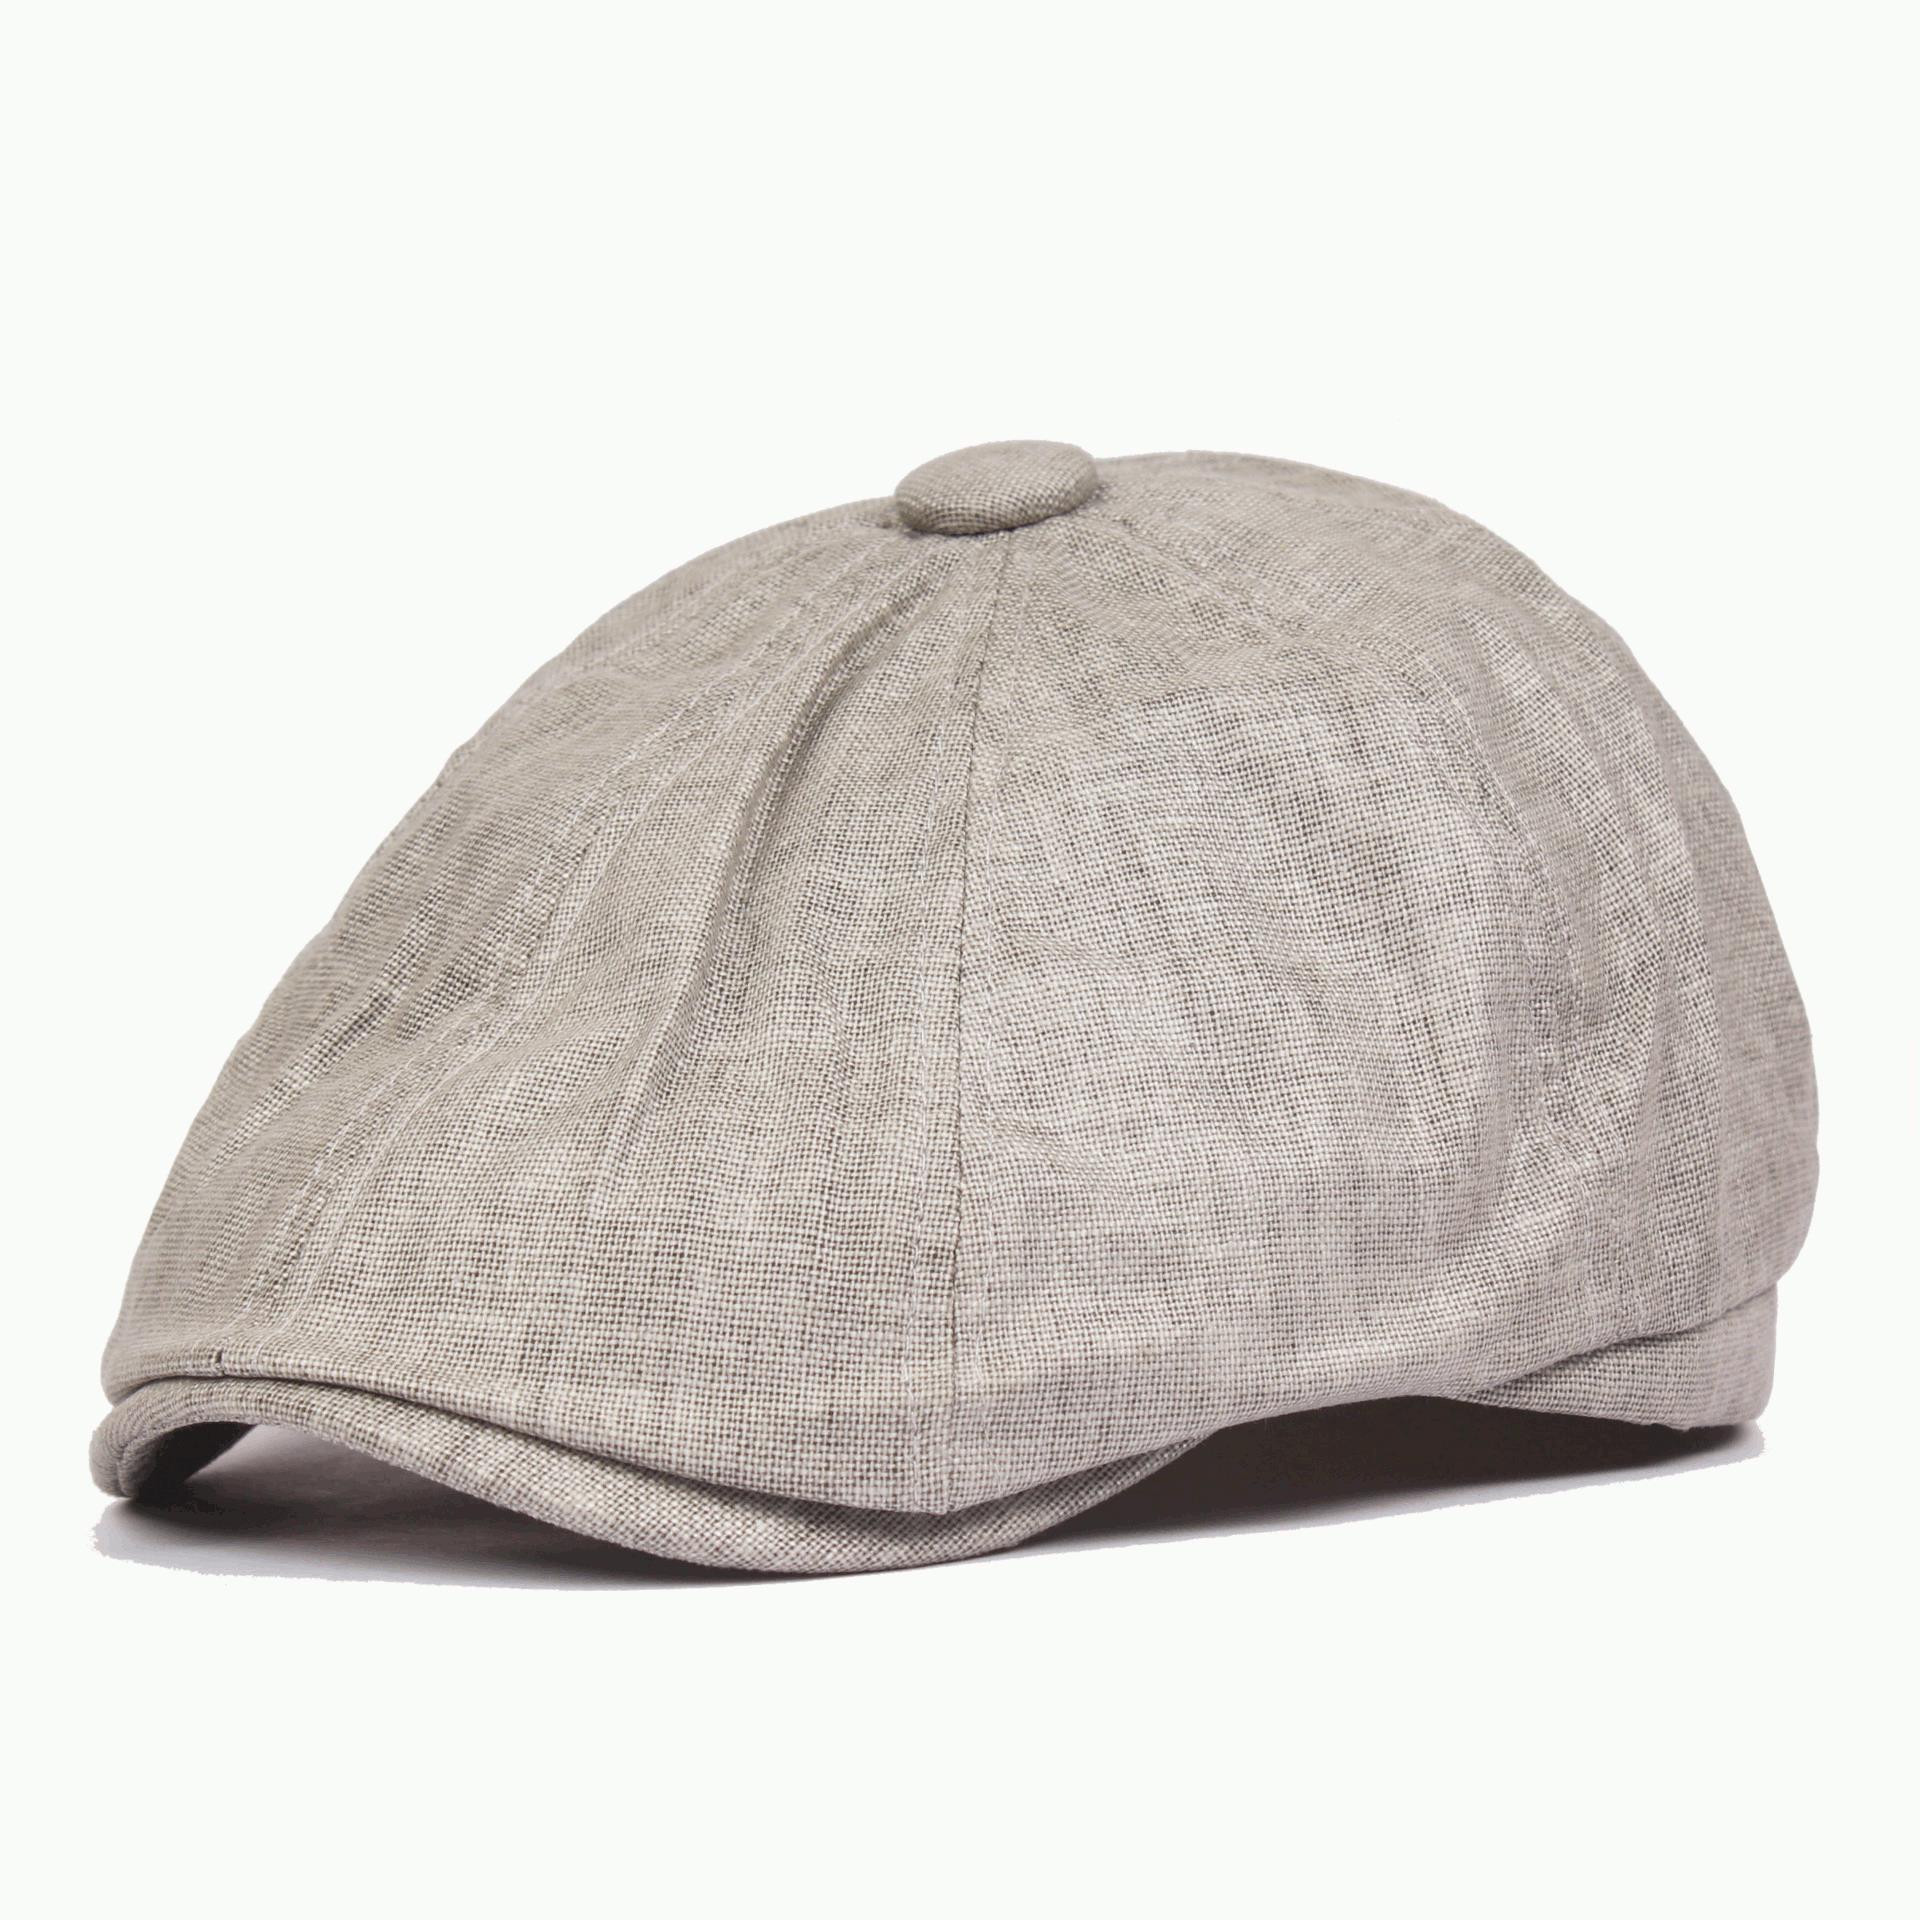 Men Women Newsboy Cotton Blend Beret Hat Casual Visor Sun Hat Flat Cabbie Cap